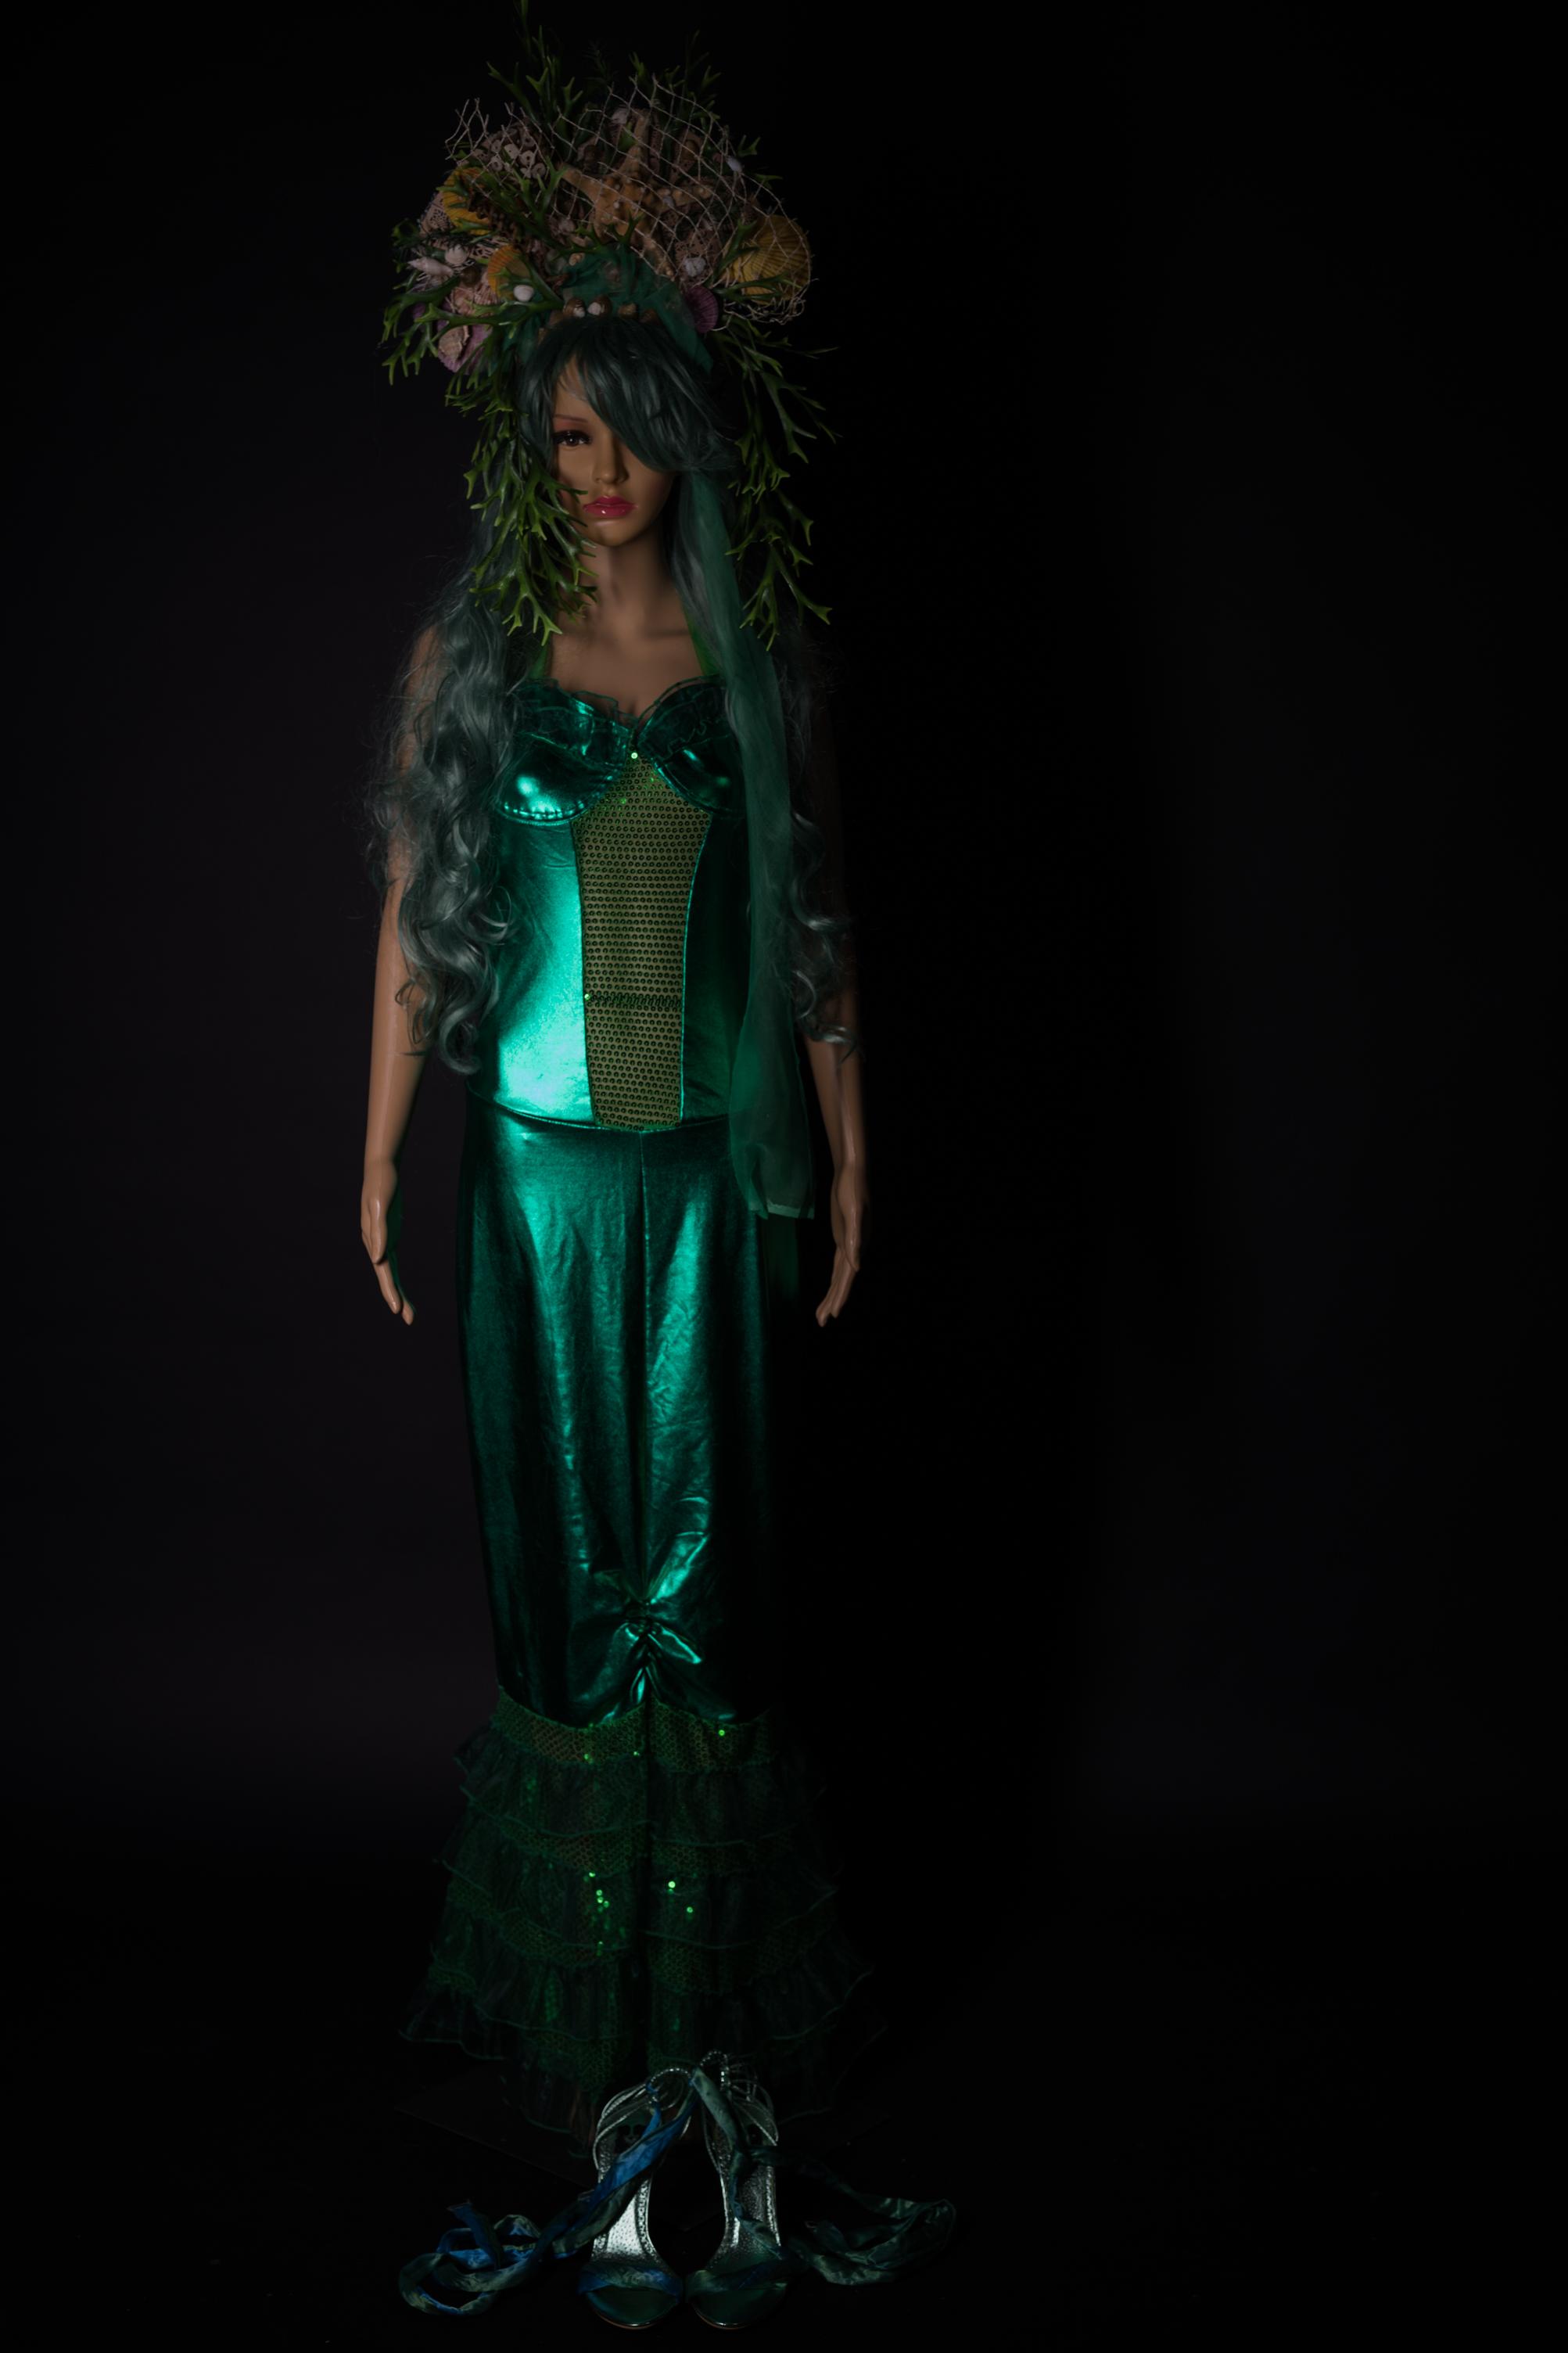 Grünes Mermaidkleid mit pssenden Kopfschmuck und Perrücke